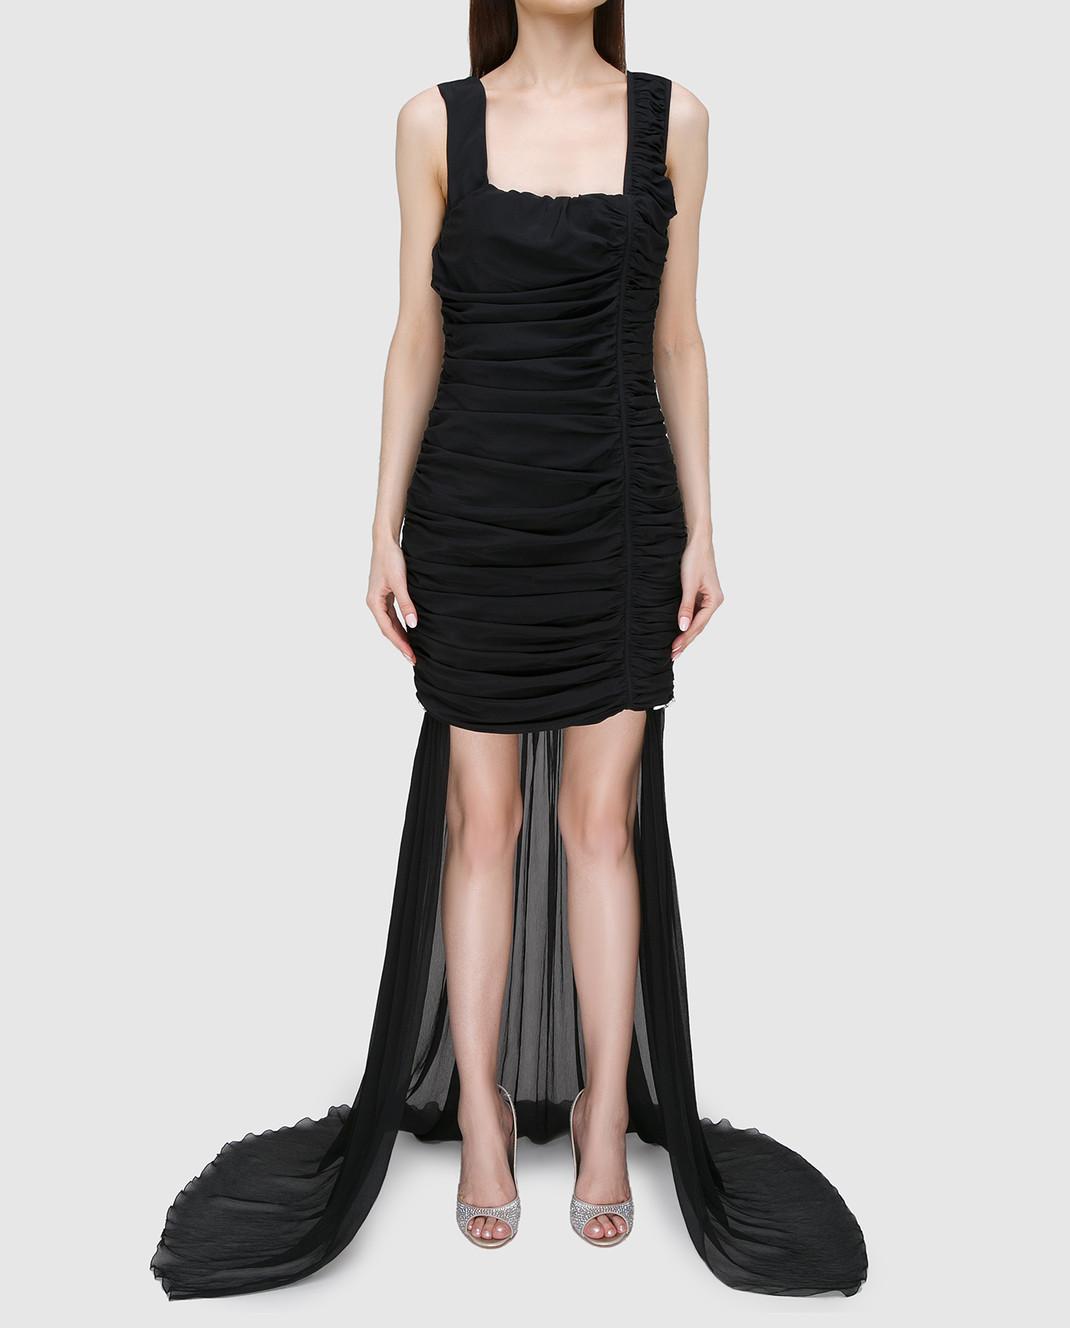 Blumarine Черное платье из драпированного шелка со шлейфом 58456 изображение 3